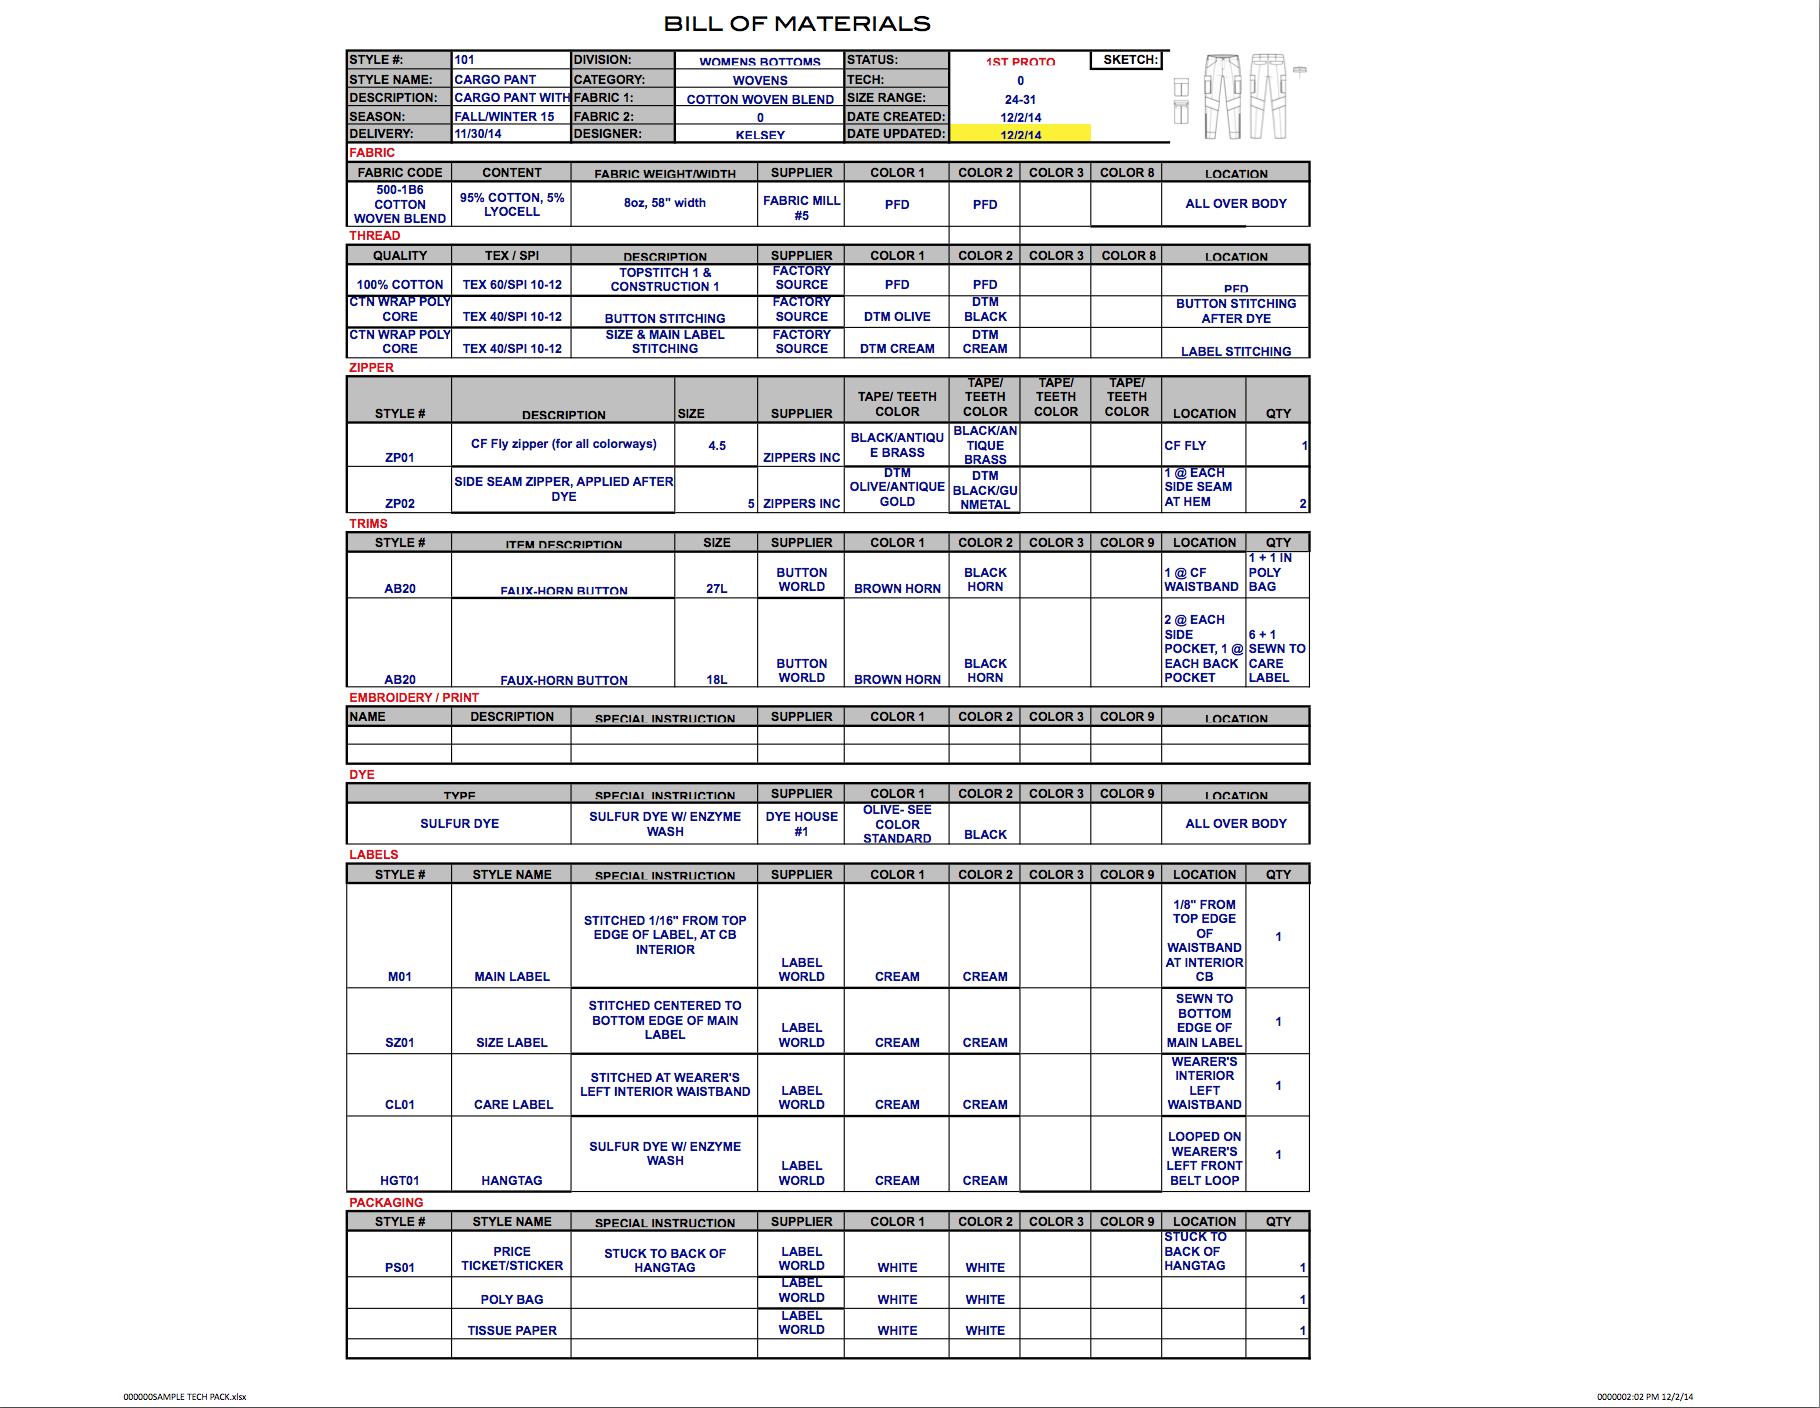 Screen Shot 2014-12-02 at 2.05.52 PM.png